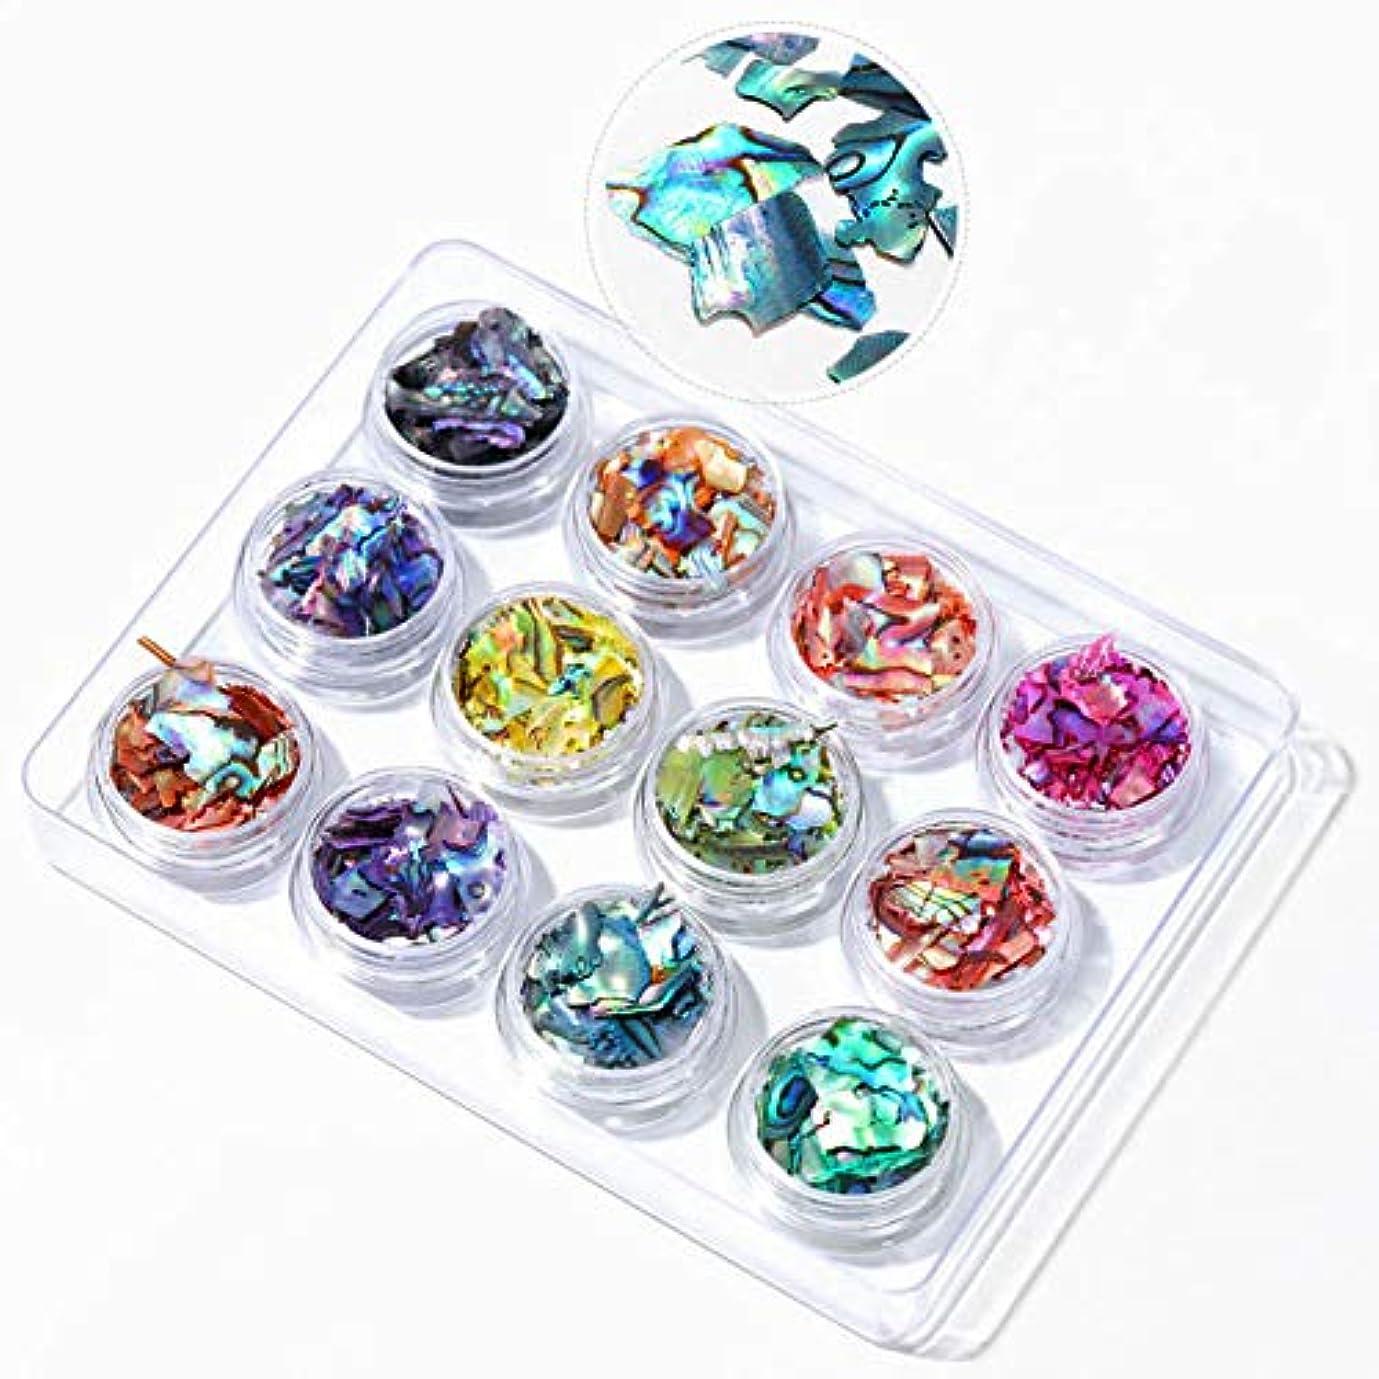 蜜預言者ファイバMurakush 12個ネイル装飾品シェルピース色とりどりのアワビピースミラージュピース BKT01